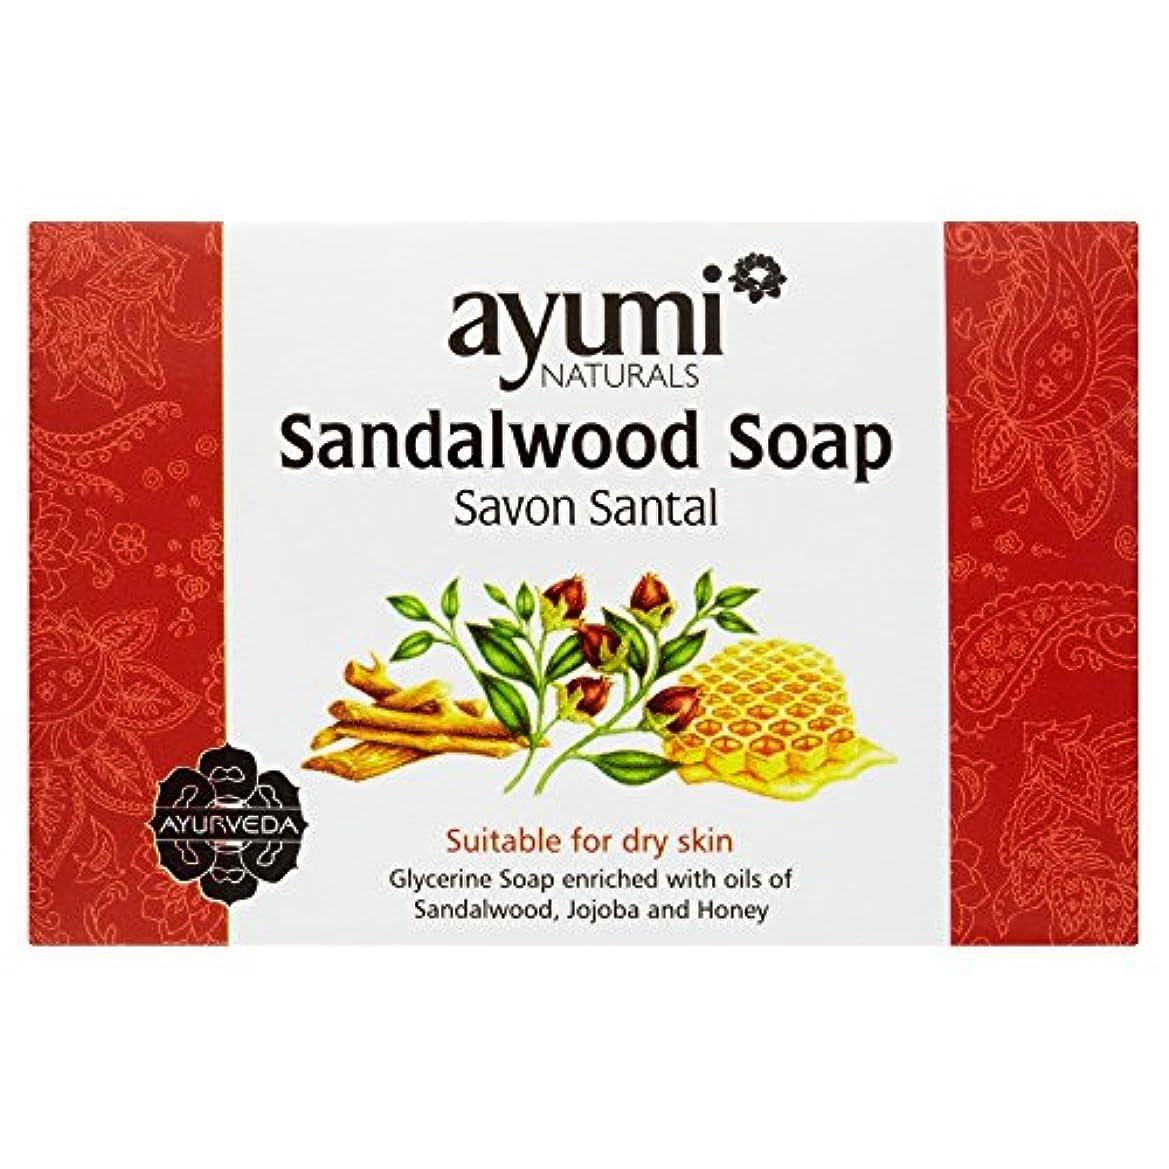 構想する識別ファンブルAyumi Sandalwood Soap 100g